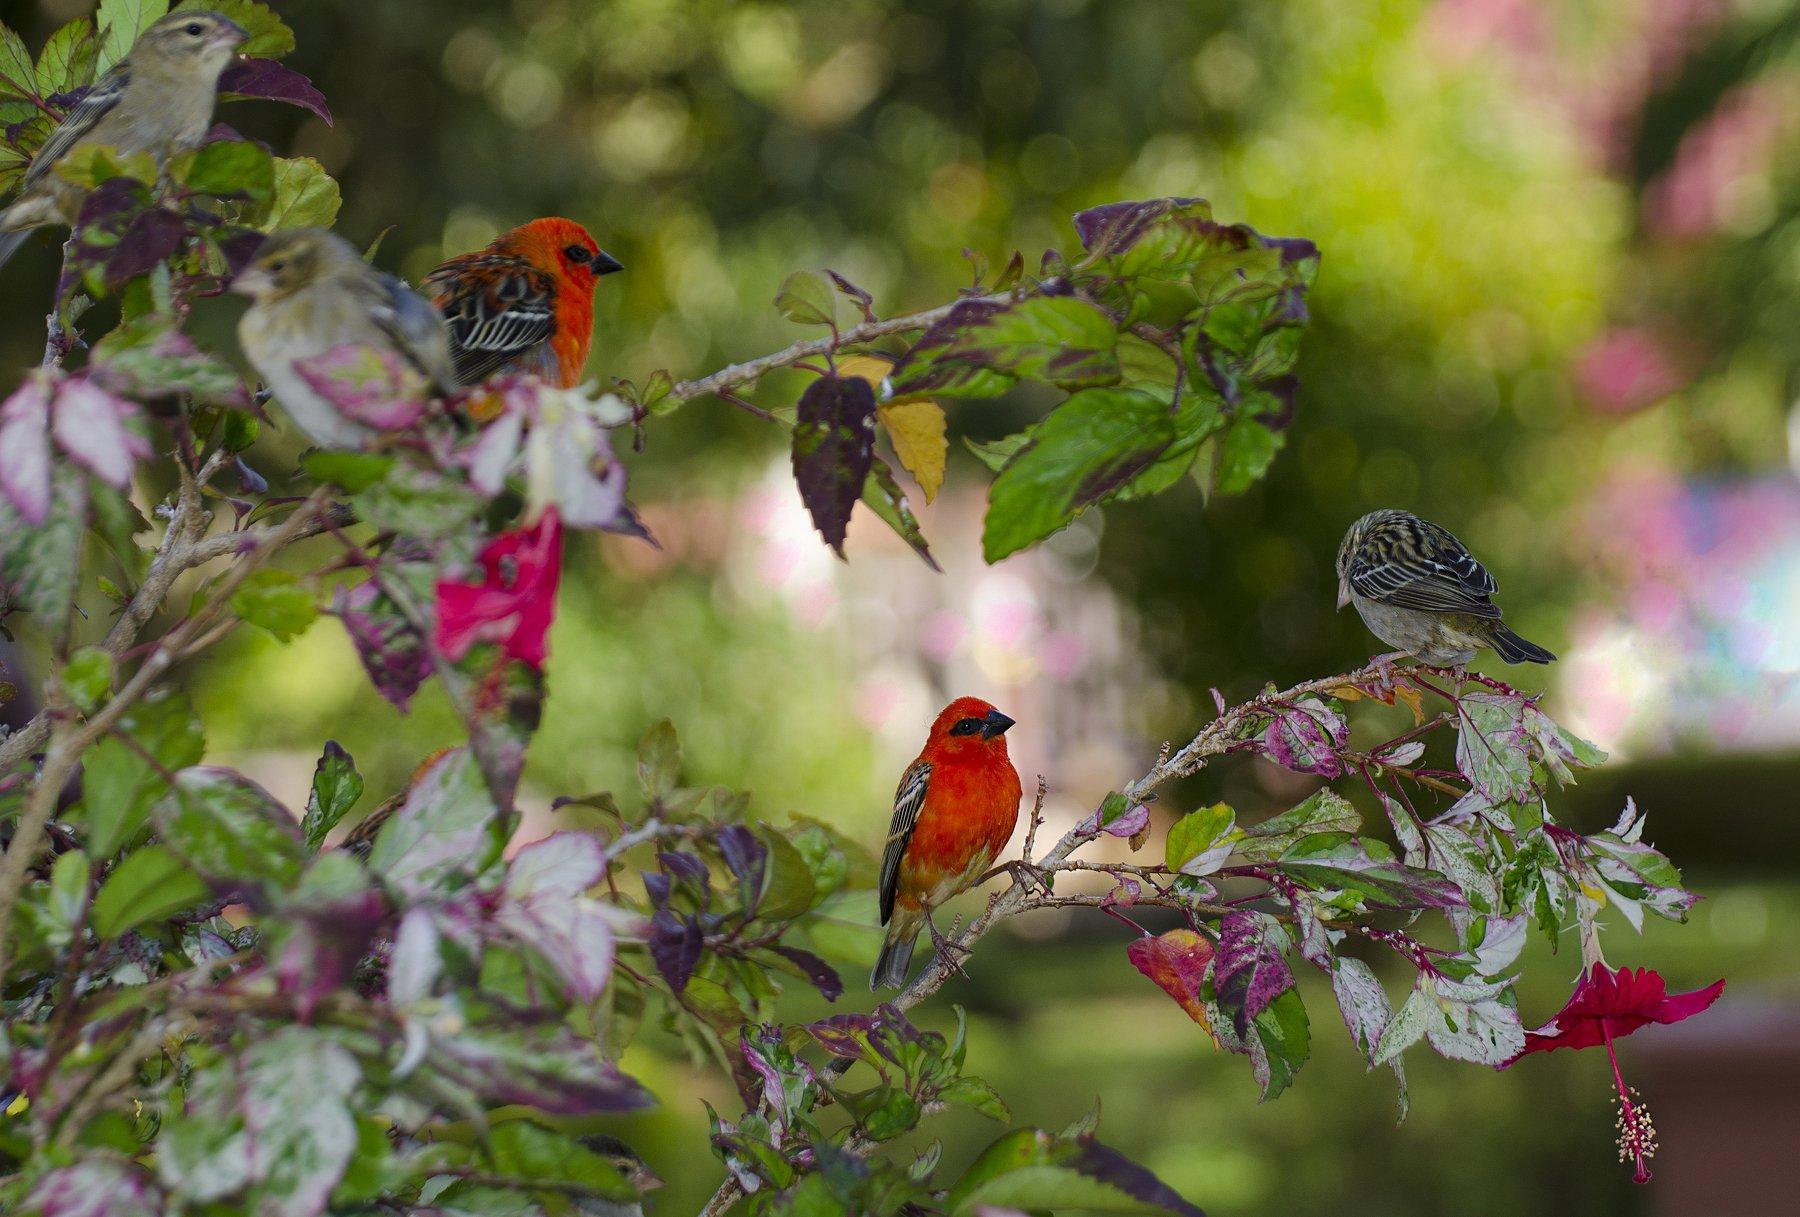 яркие, красные, тропические, экзотика, самки, самцы, гибискус, красный цветок, ветка, птицы на ветке, Марина Мудрова